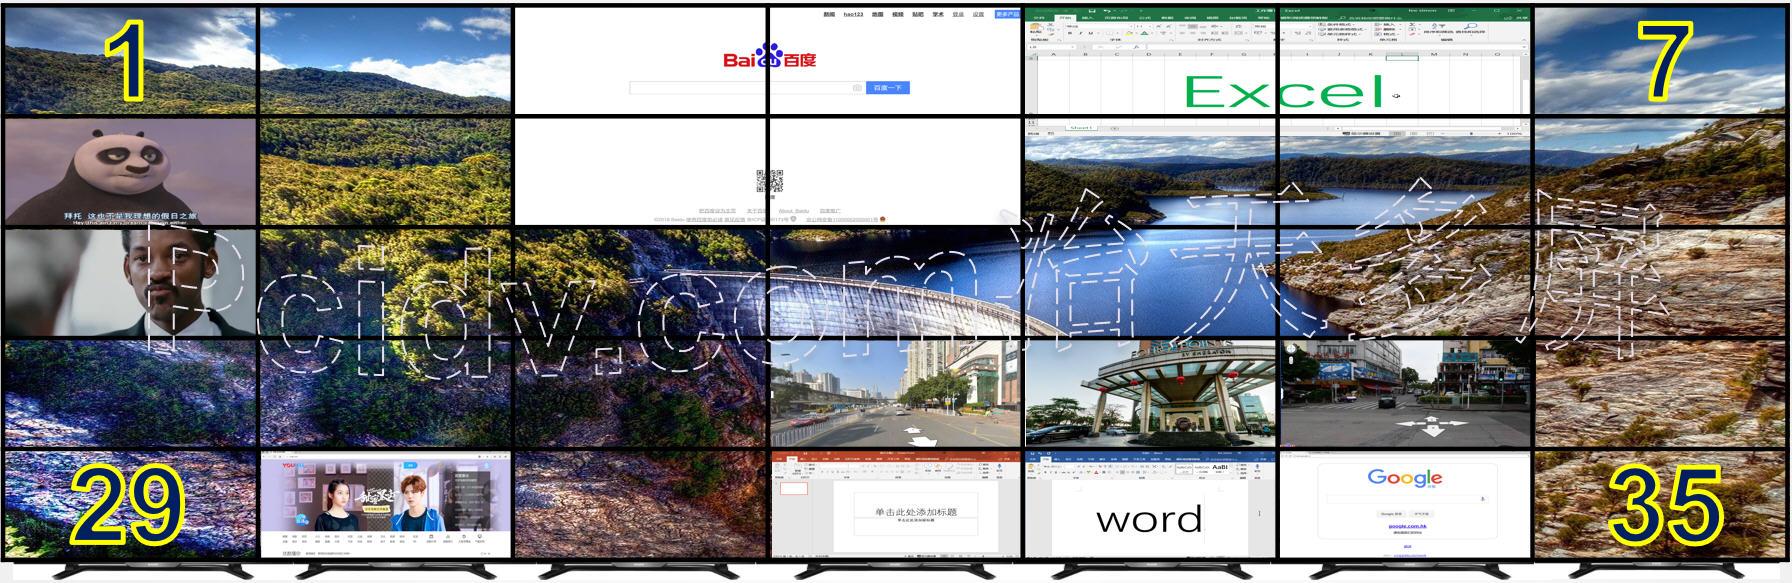 5行7列35屏拼接点对点显示高清底图程序网页多开窗漫游